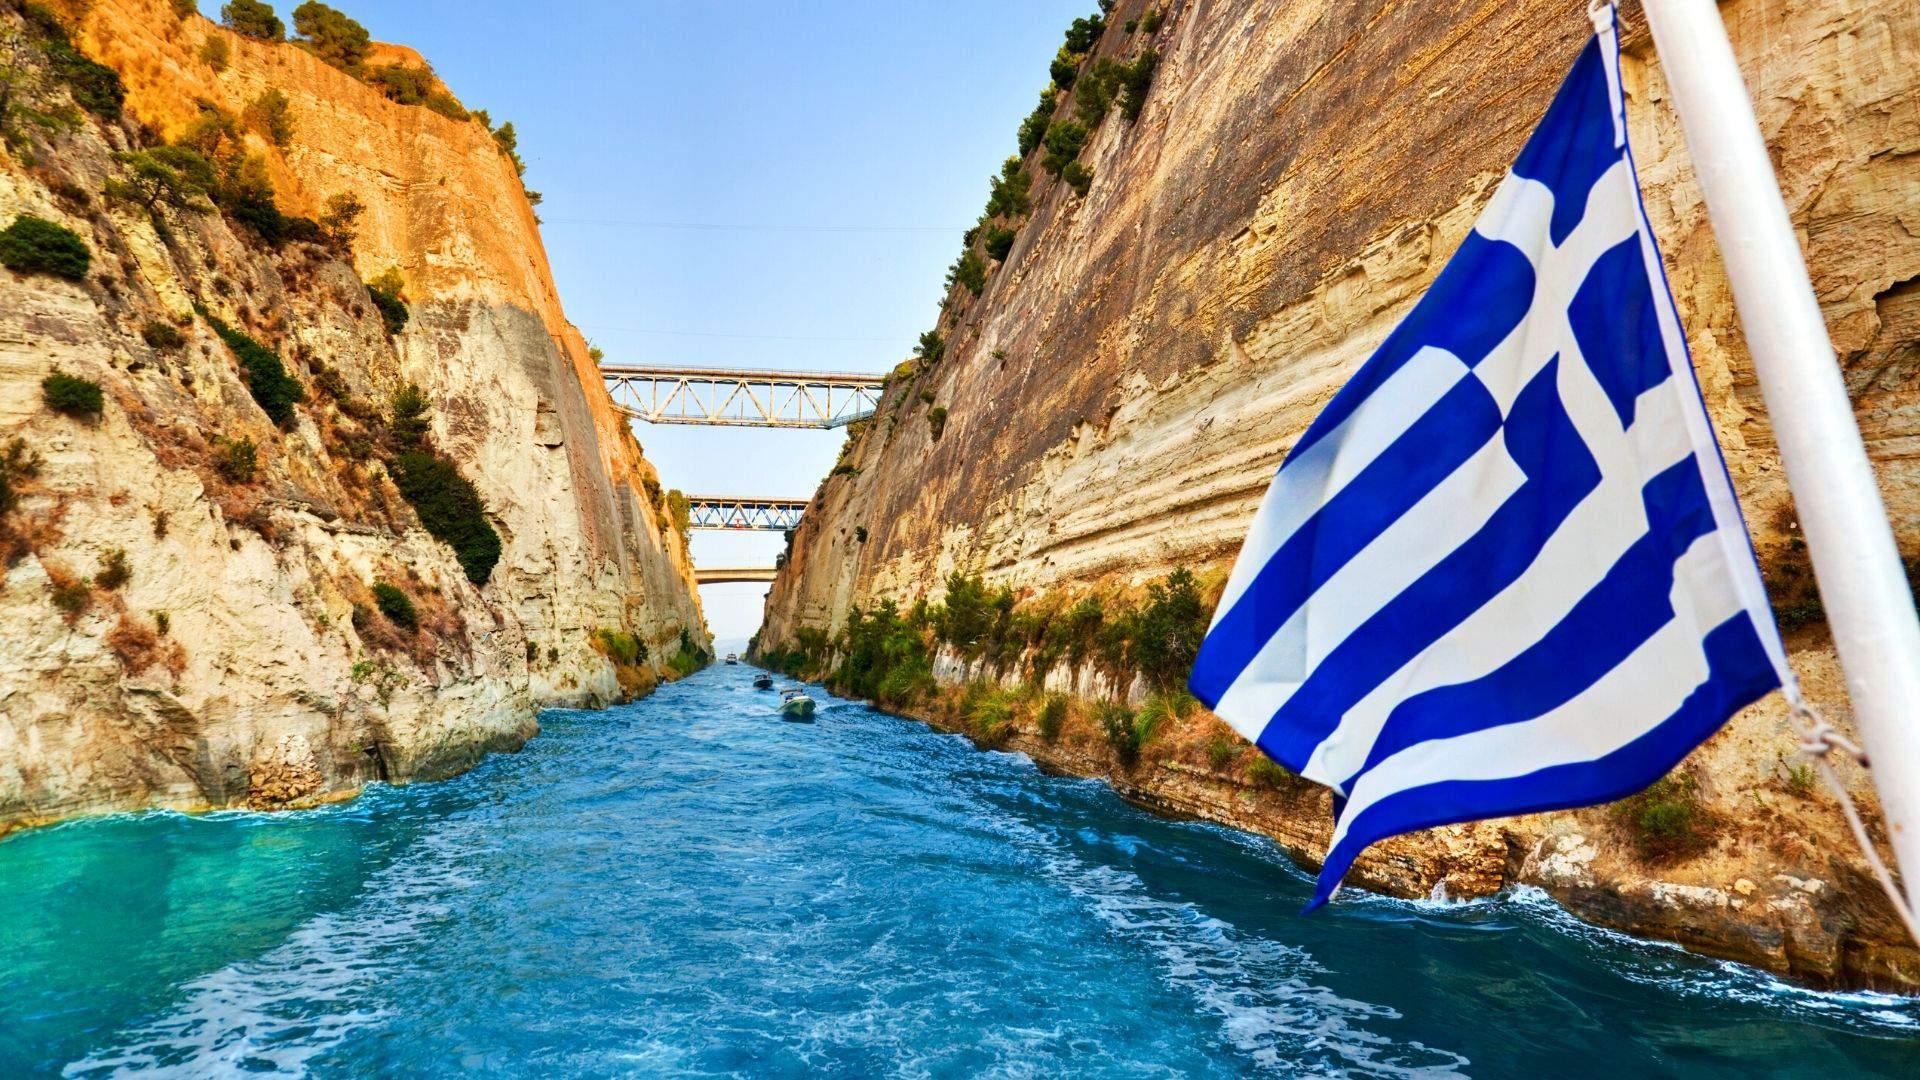 Garsusis Korinto tarpeklis esantis Peloponese